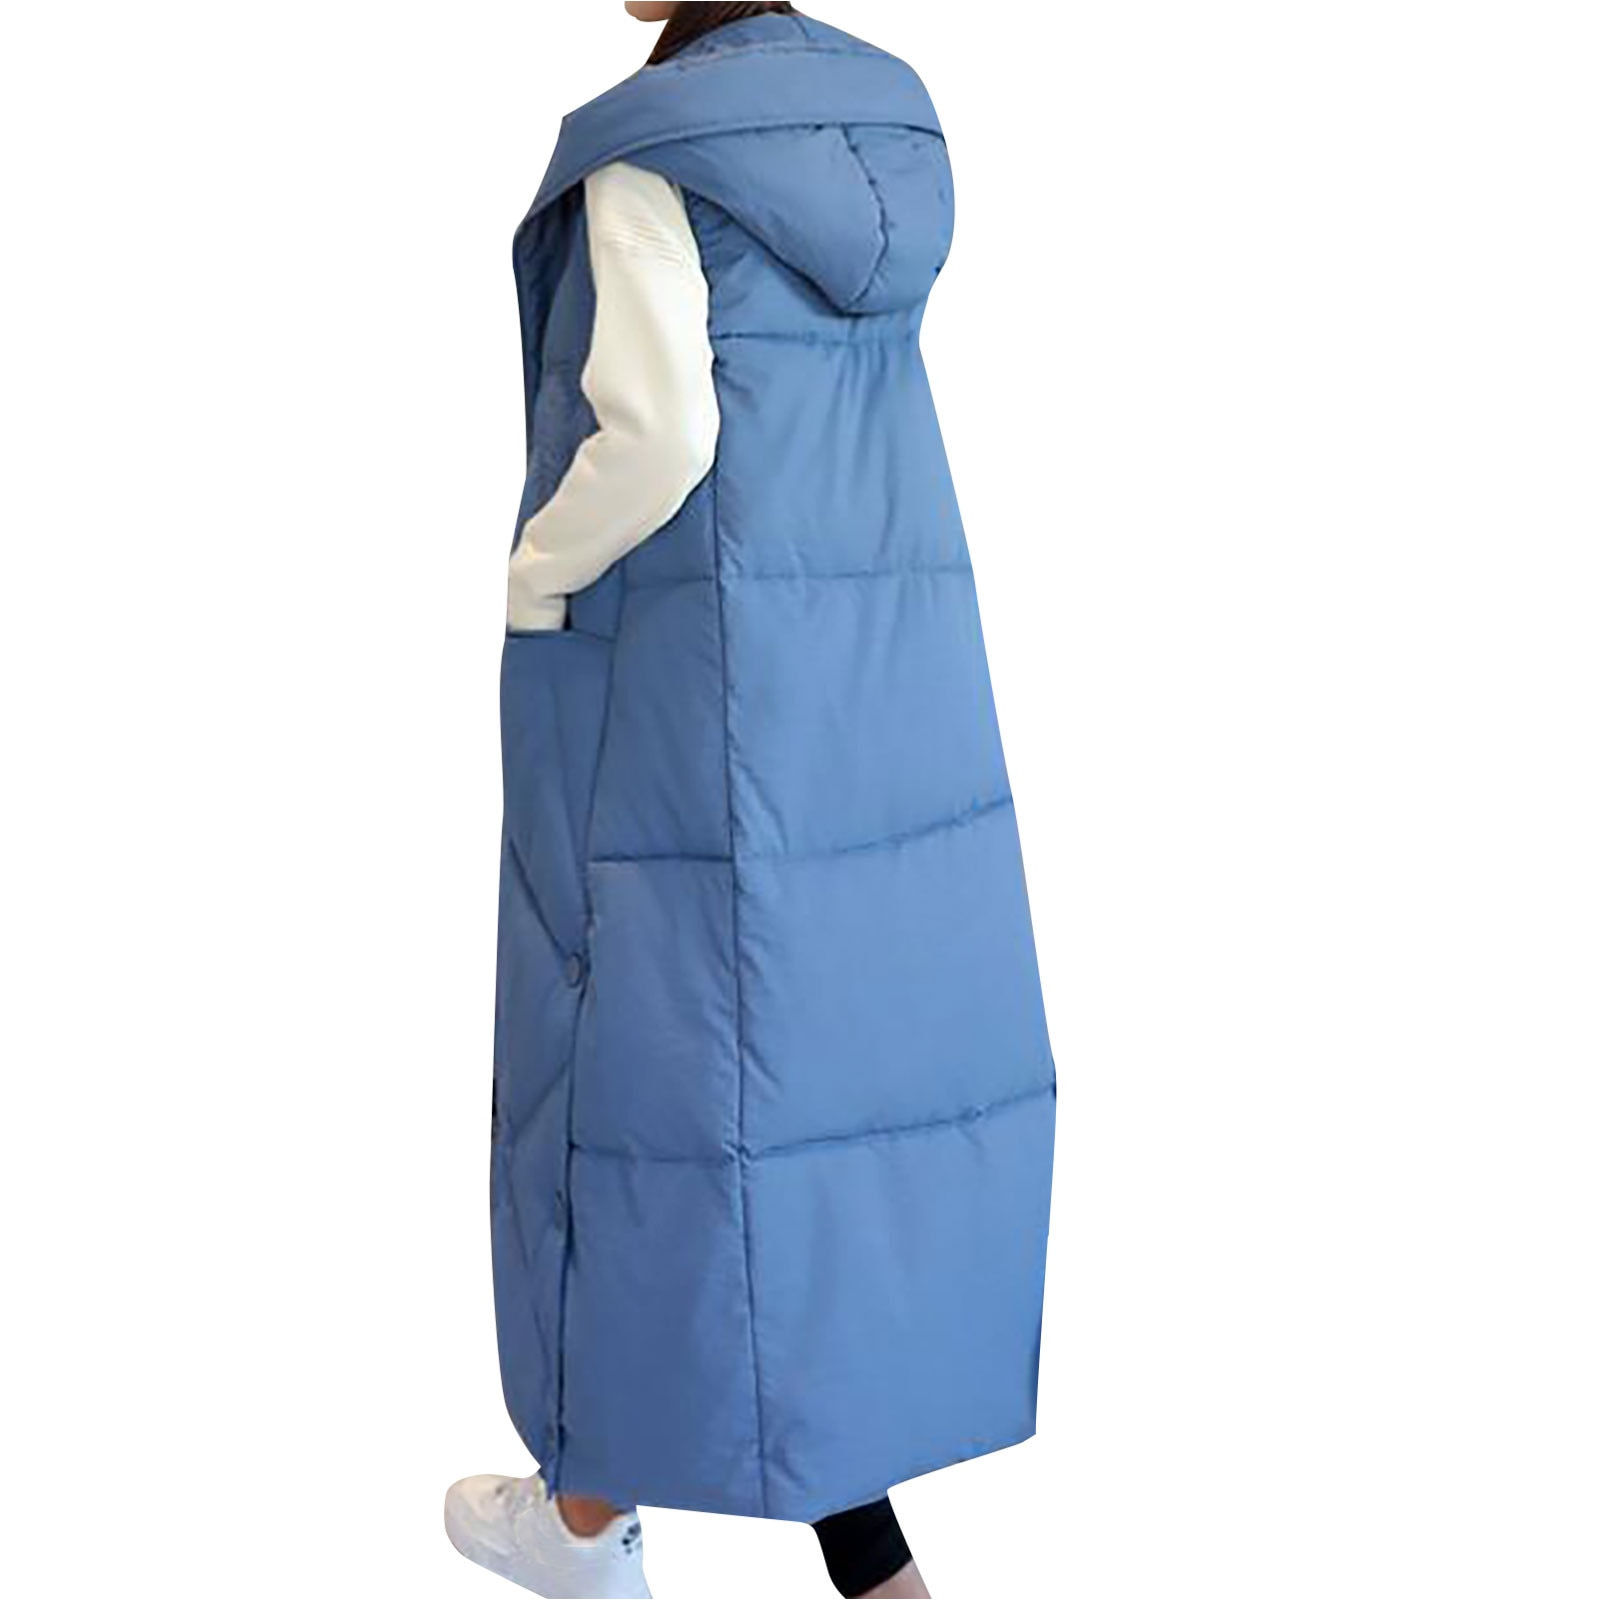 معطف شتوي نسائي ، جاكيت سميك ، سترة تحافظ على الدفء ، فضفاض ، غير رسمي ، لون عادي ، 2021 # F4